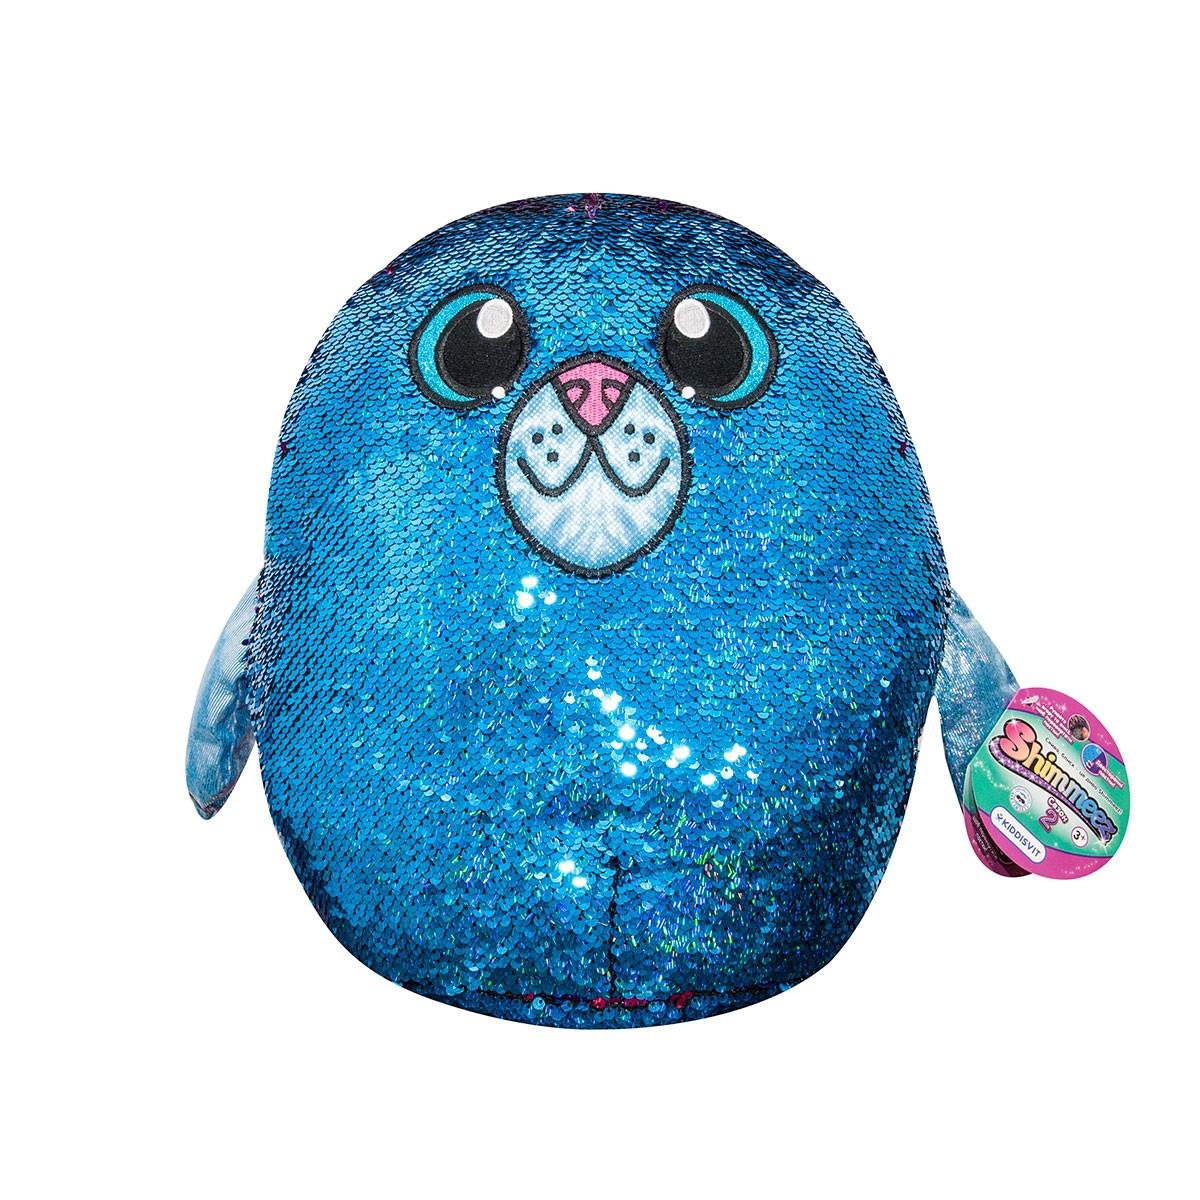 М'яка Іграшка з паєтками Shimmeez S2 - Тюлень Аква, 36 см